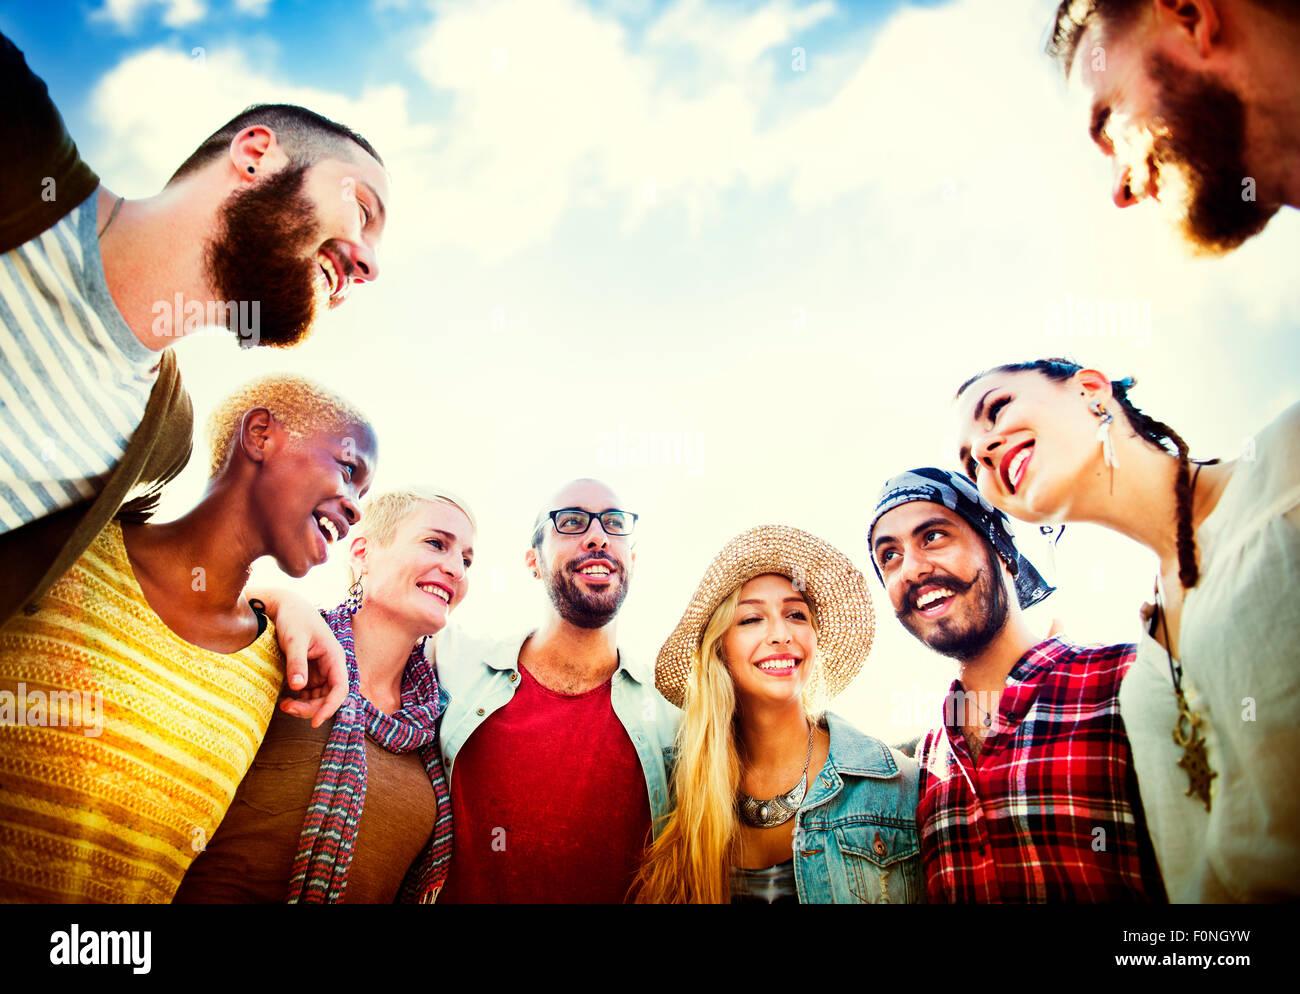 Freunde Freundschaft Freizeit Urlaub miteinander Spaß Konzept Stockbild